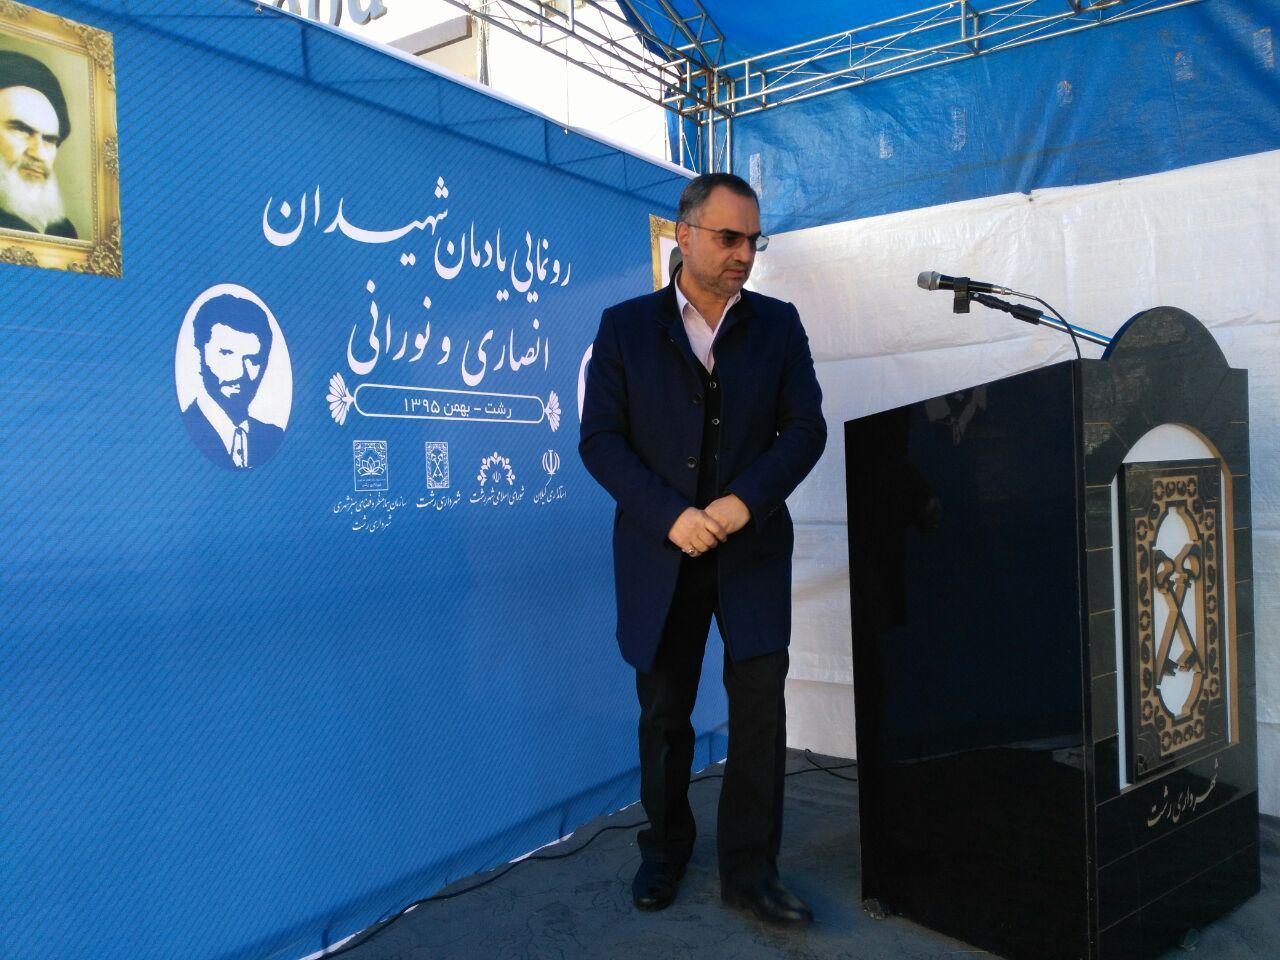 رئیس شورای شهر رشت : تصفیه خانه شیر آبه سراوان به بهره برداری نرسید